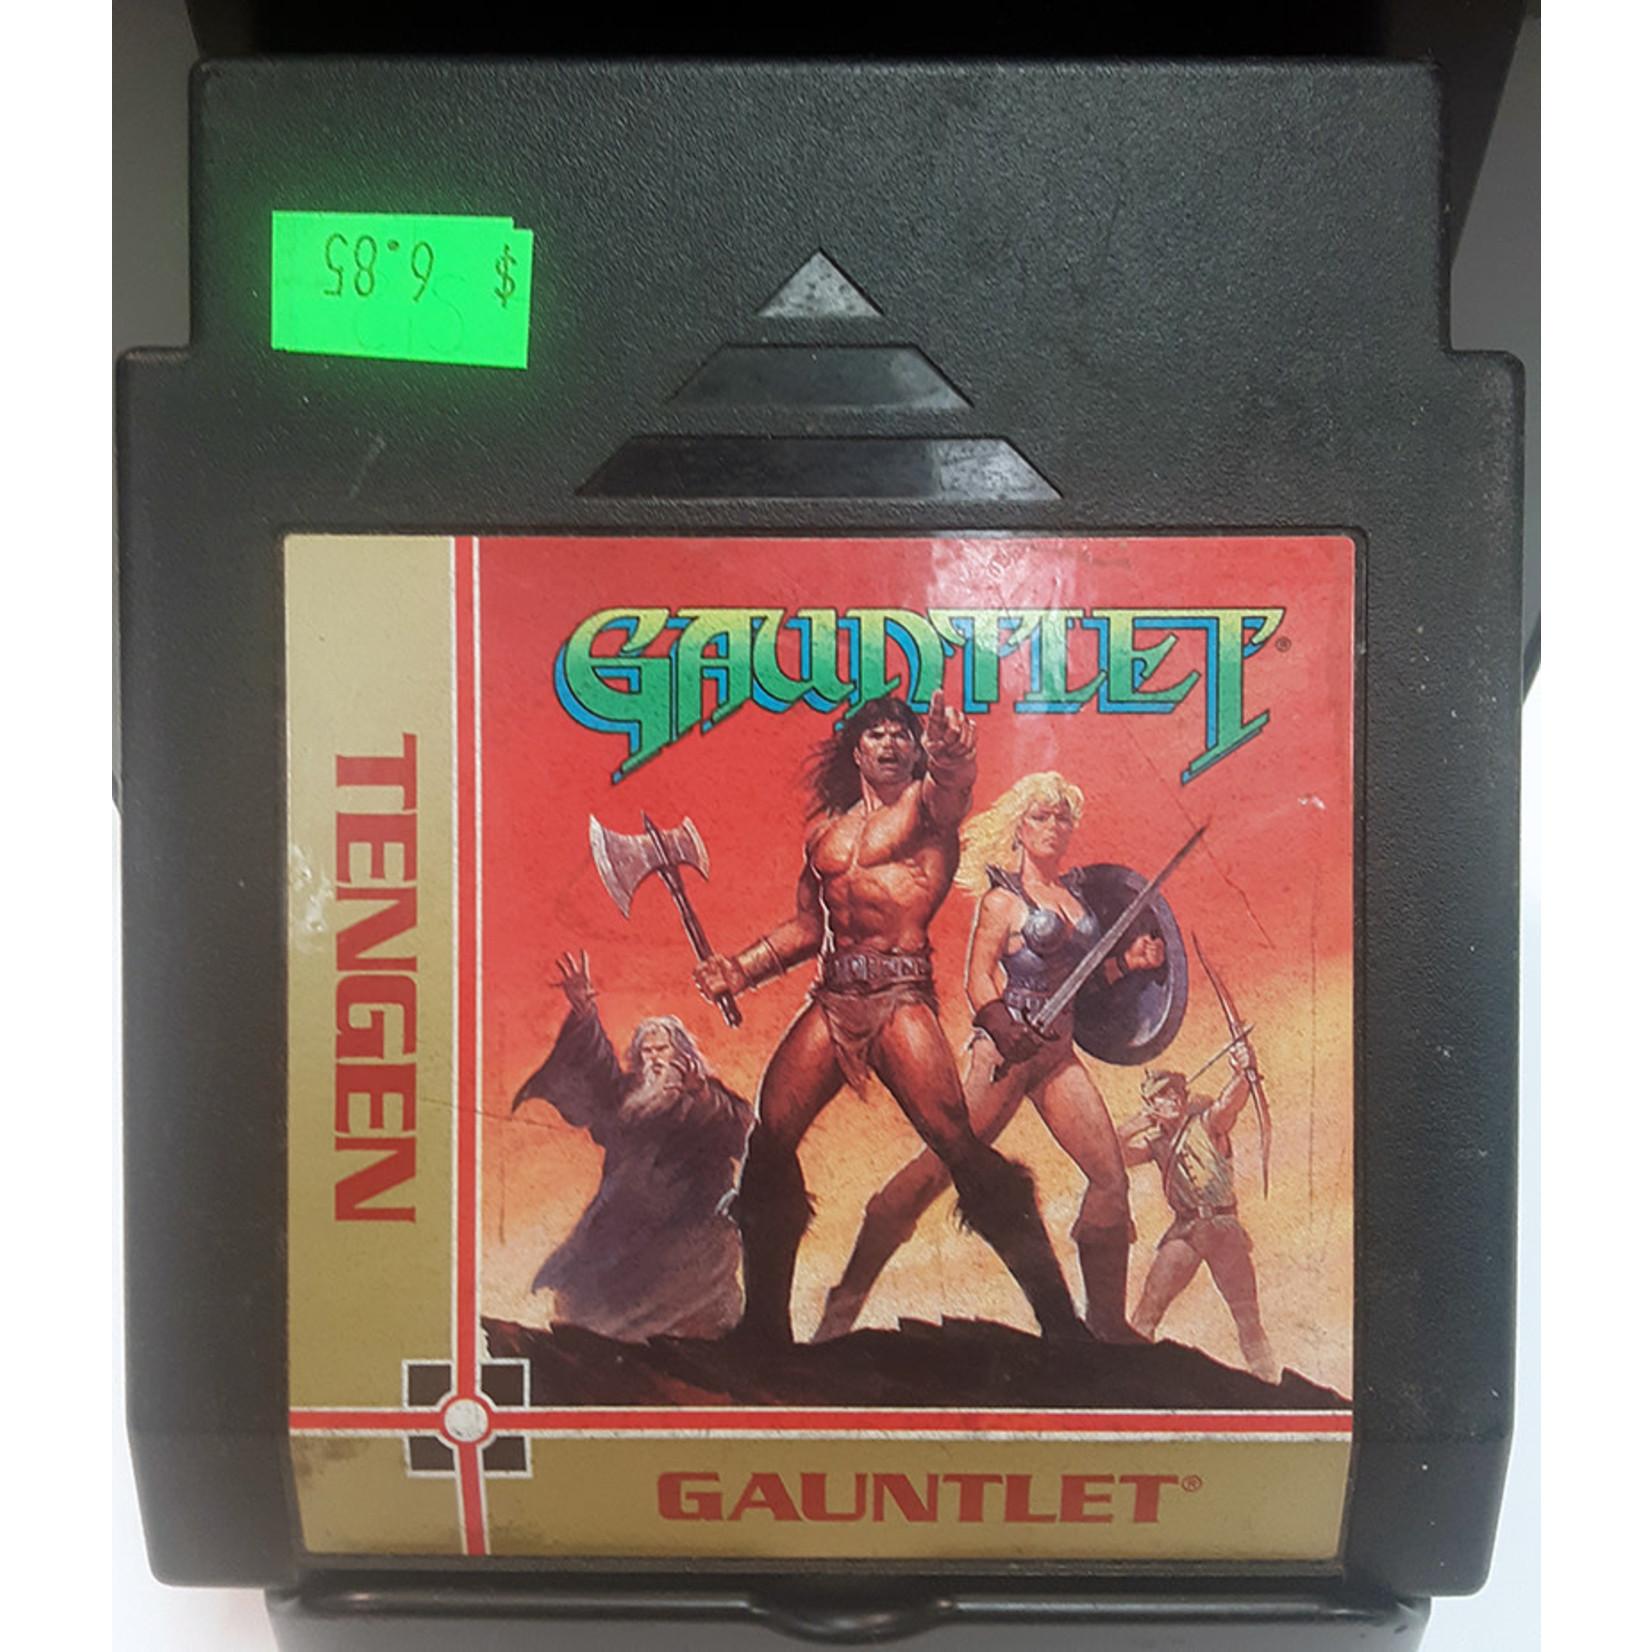 NESu-Gauntlet (cartridge)